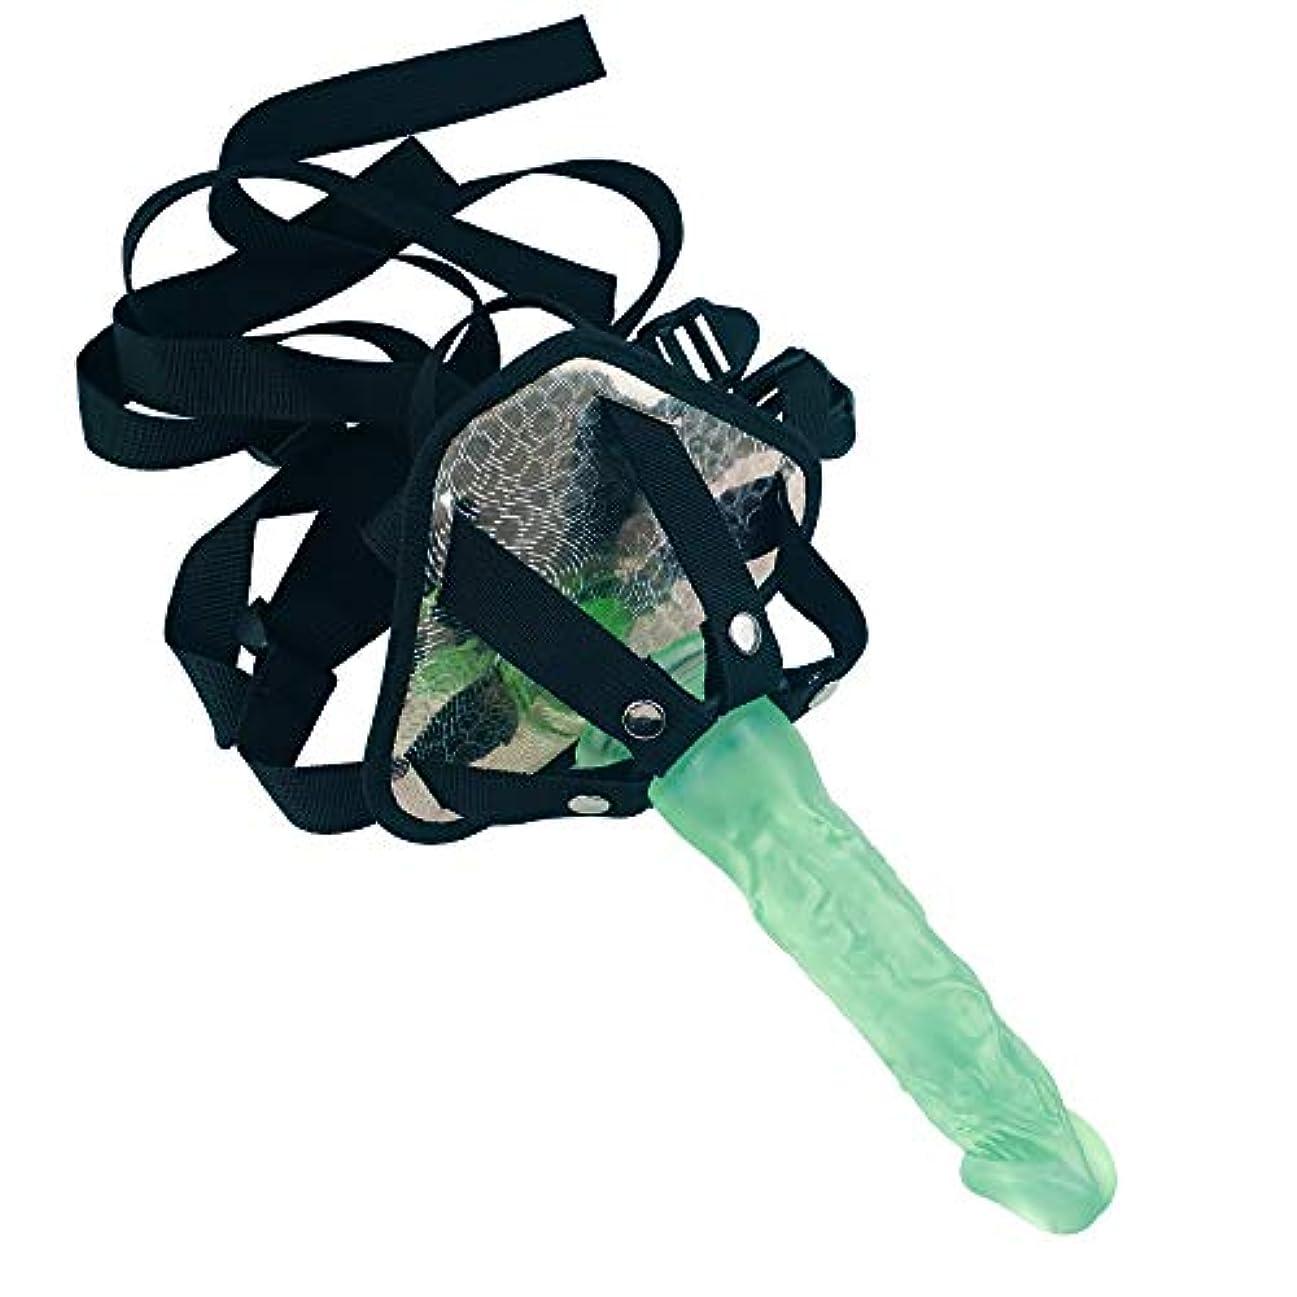 刈り取る恥ずかしさまばたき柔らかく快適な道具を着用してください-緑-xinxuruma11.22